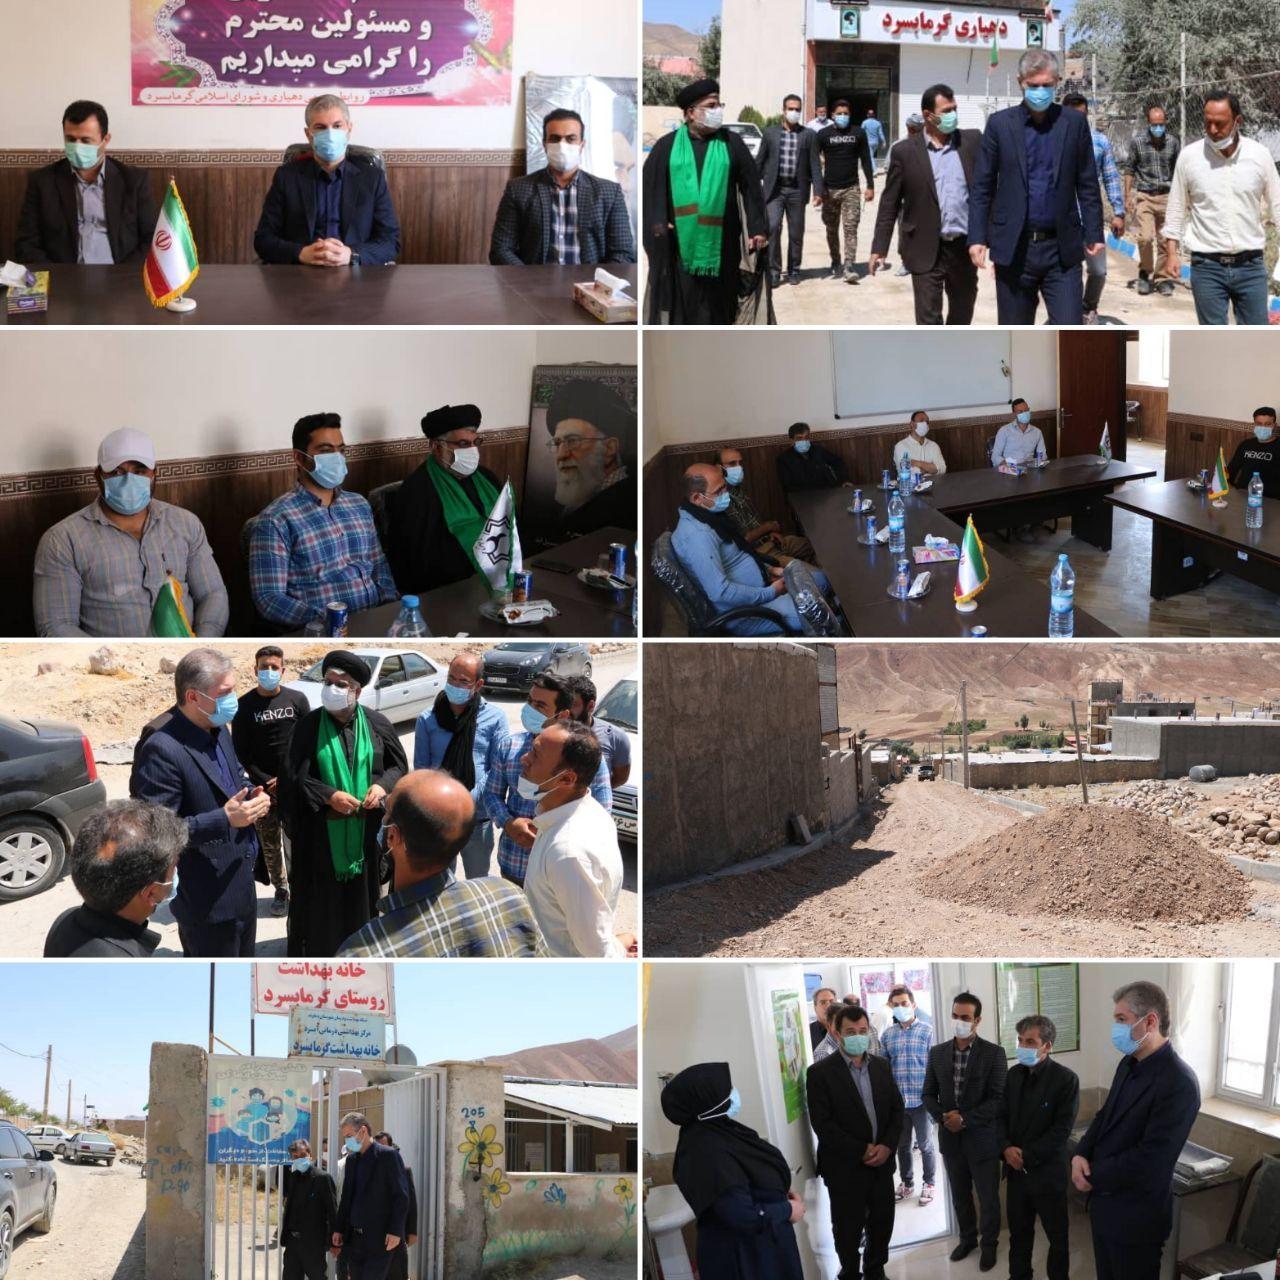 بازدید فرماندار شهرستان دماوند از روستای گرمابسرد